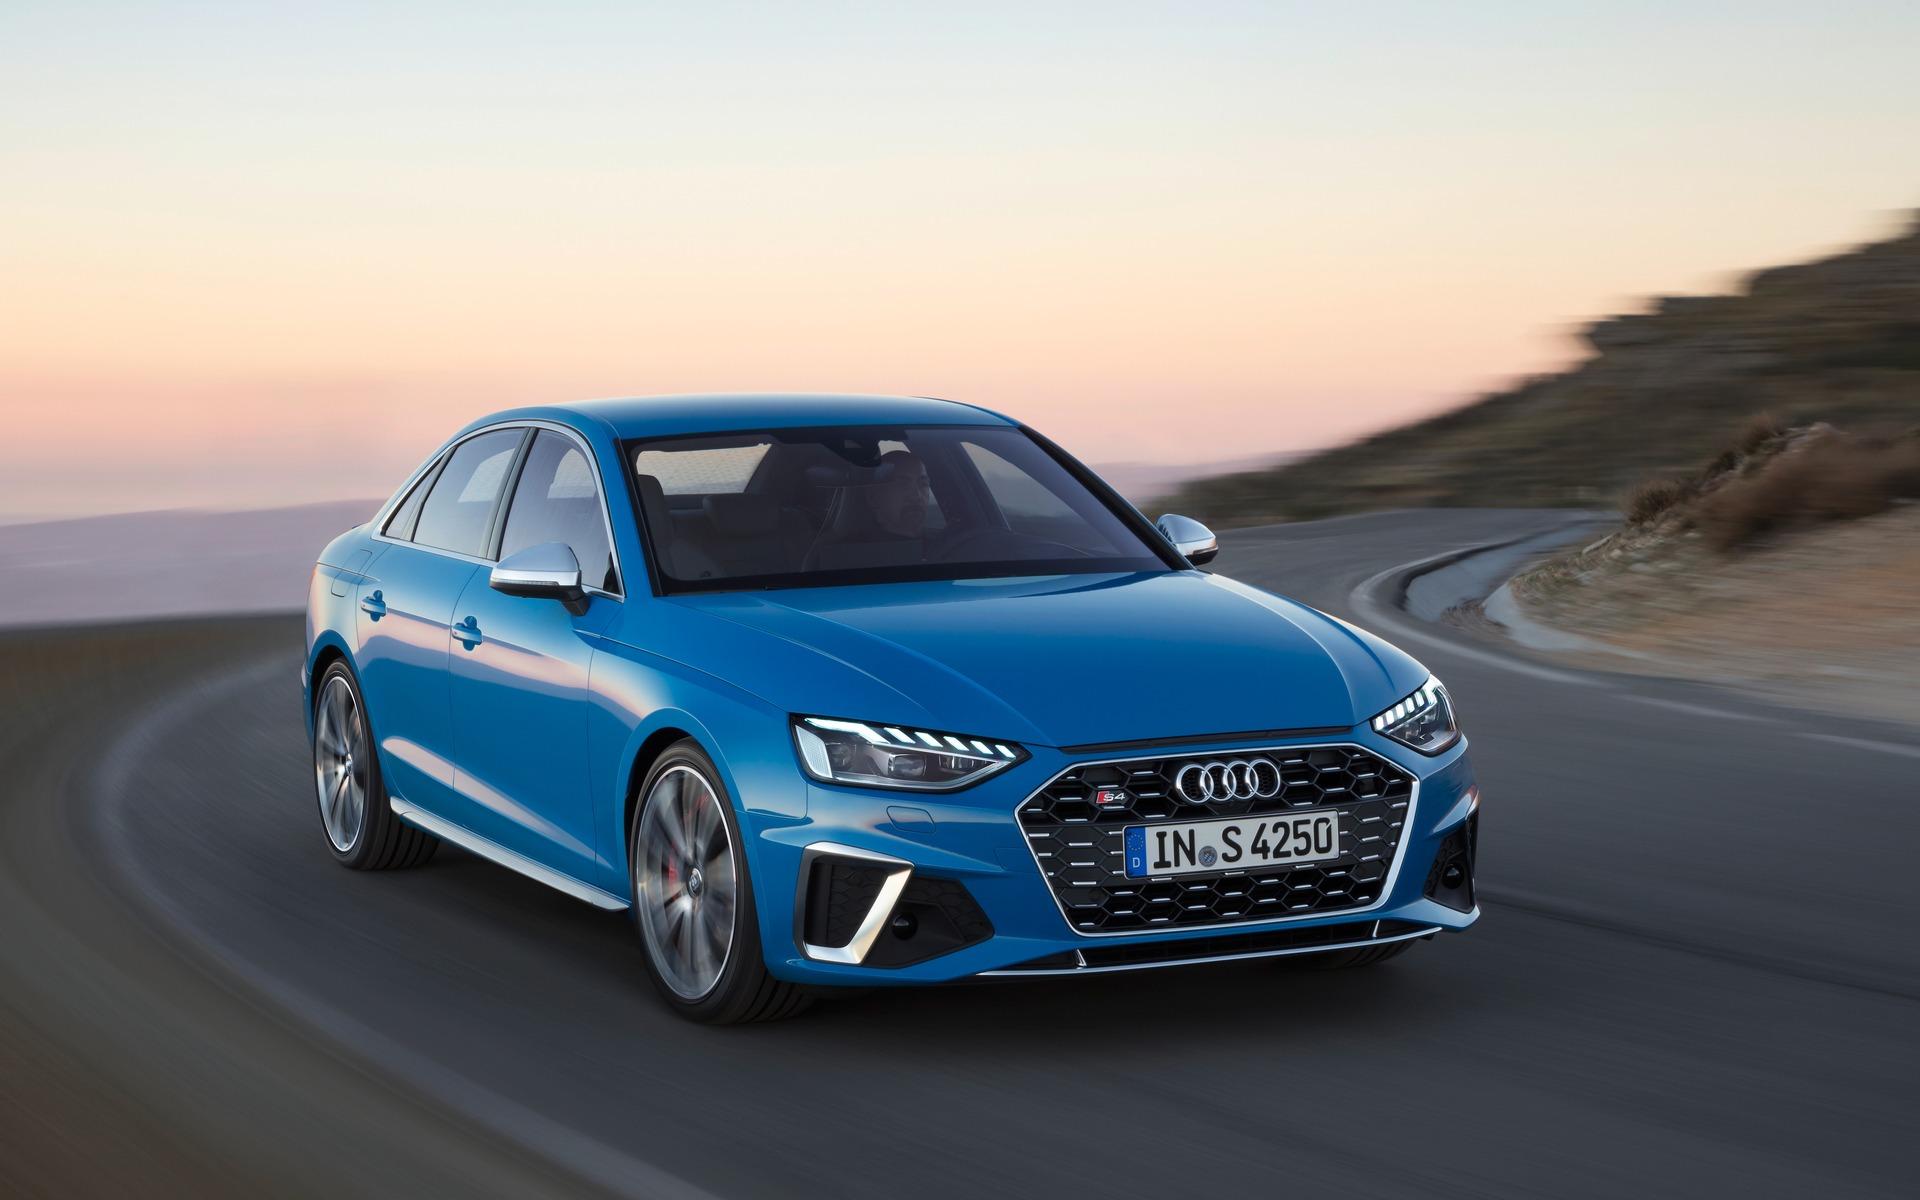 <p>Audi S4&nbsp;2020</p>